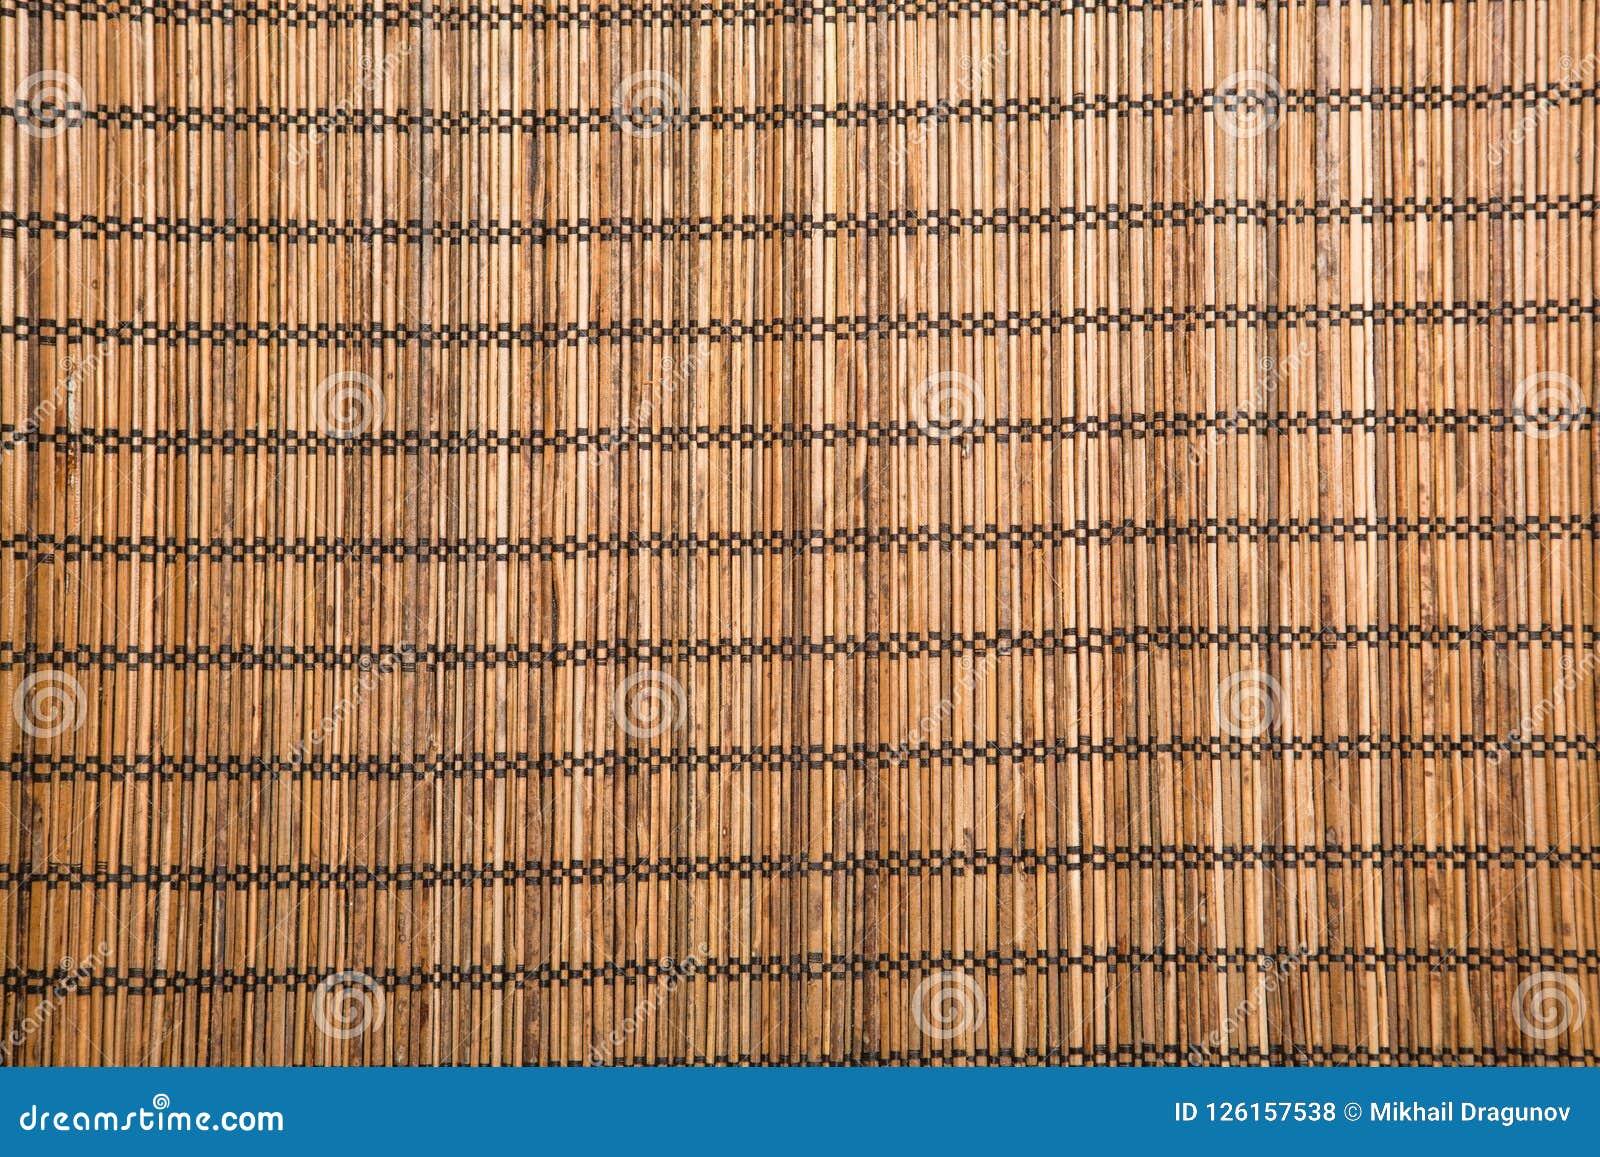 Bruine bamboemat